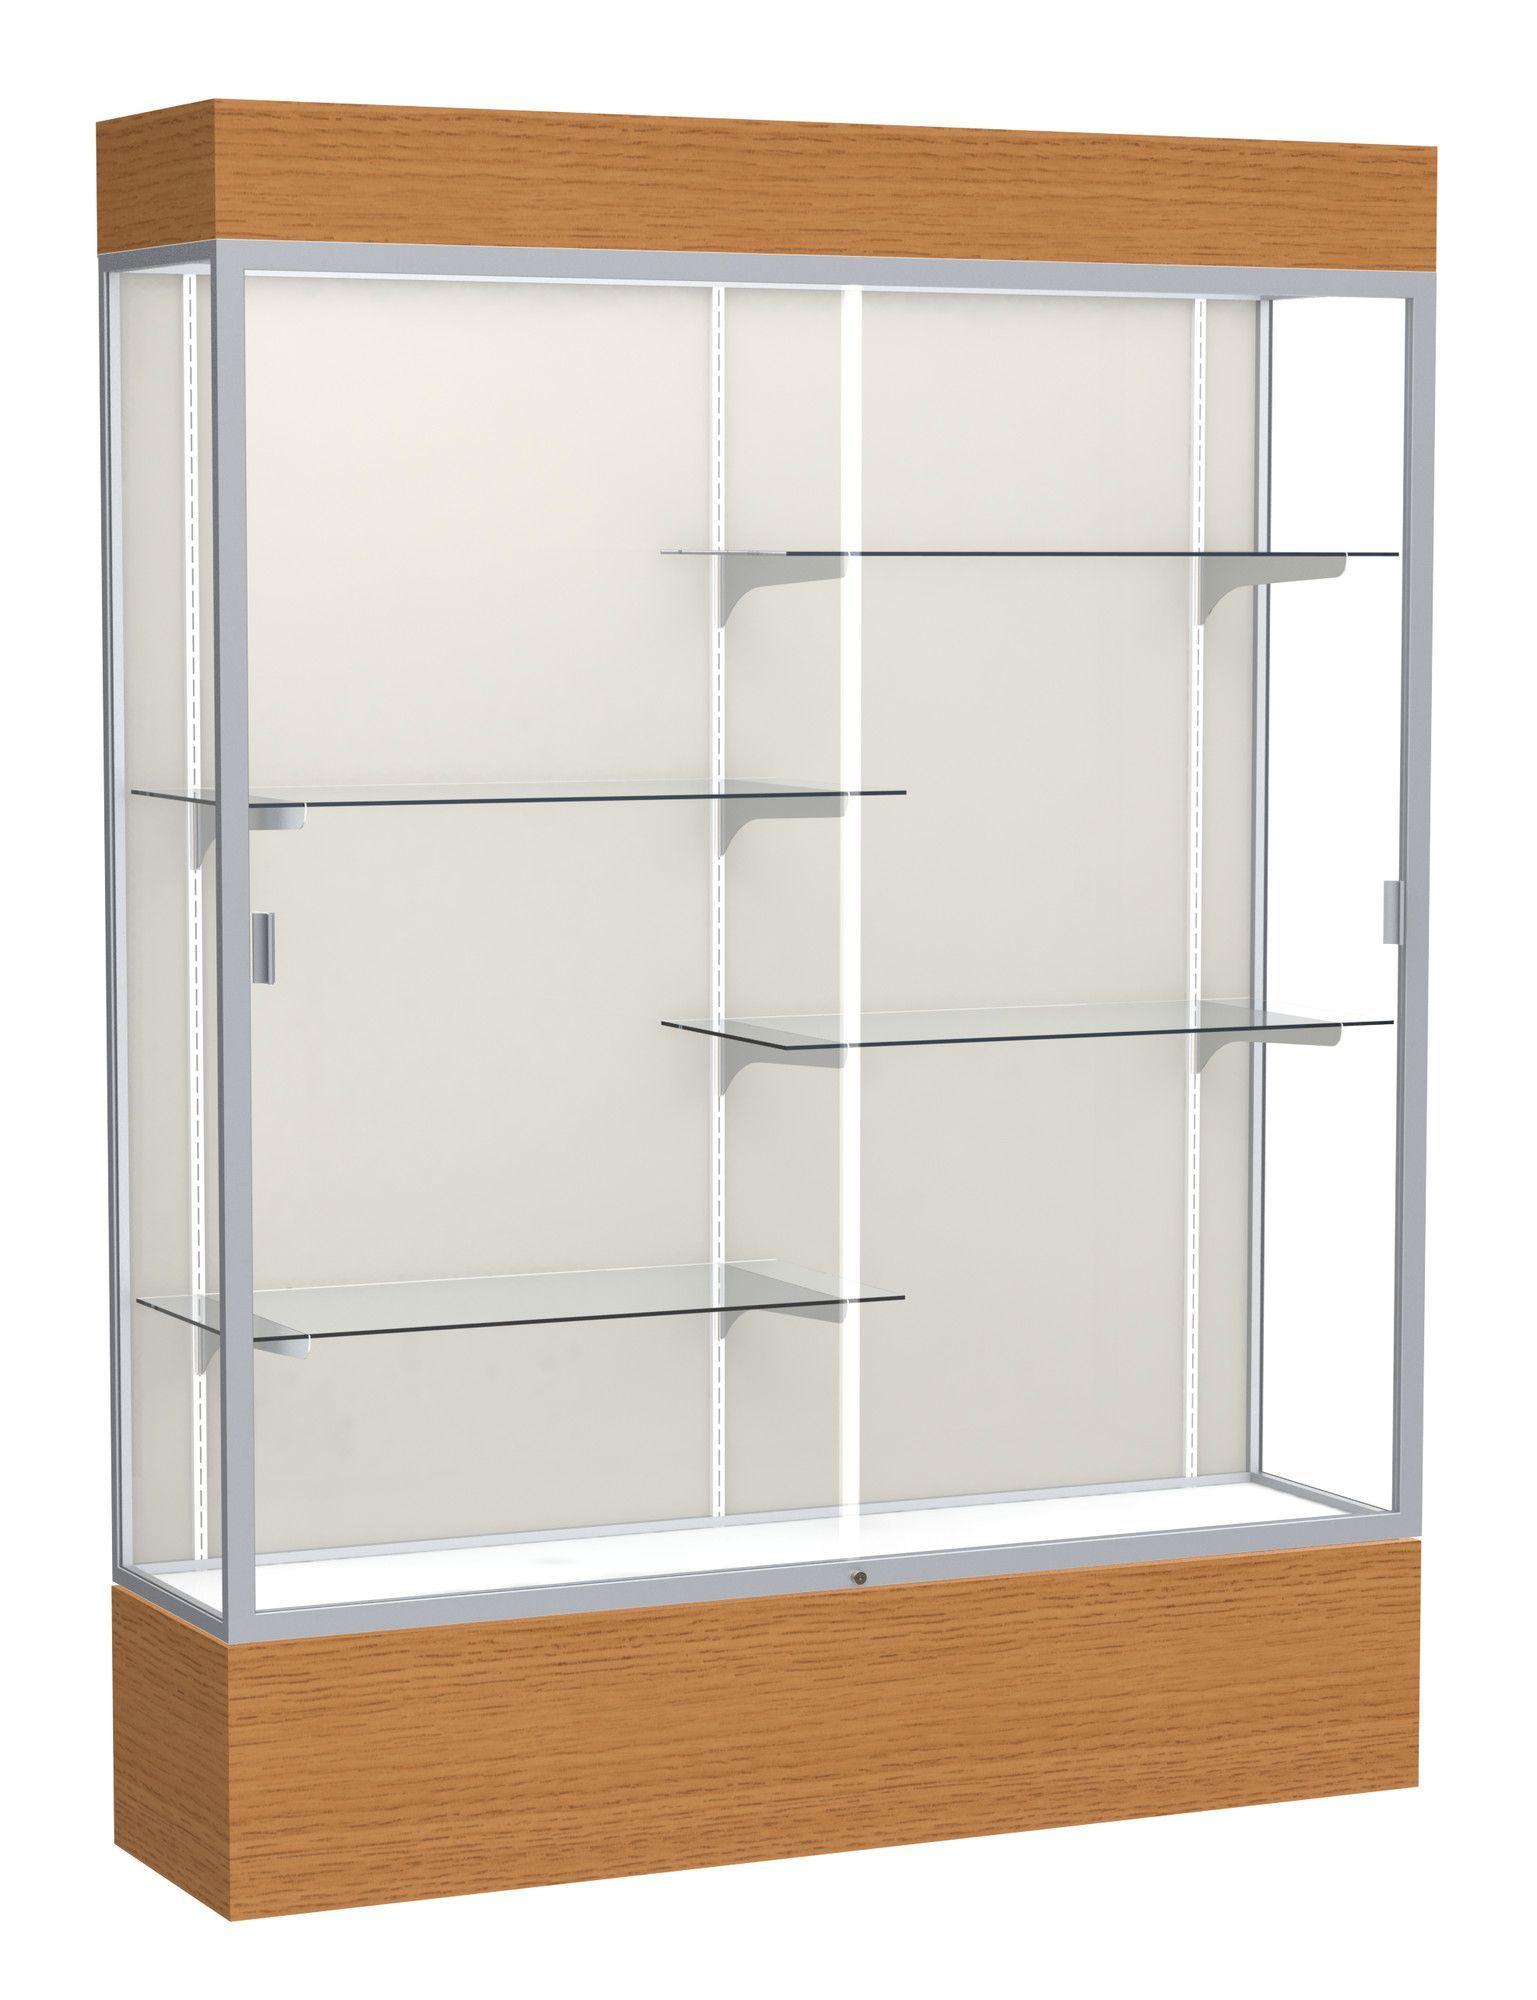 Reliant Series Wood Veneer Lighted Floor Display Case